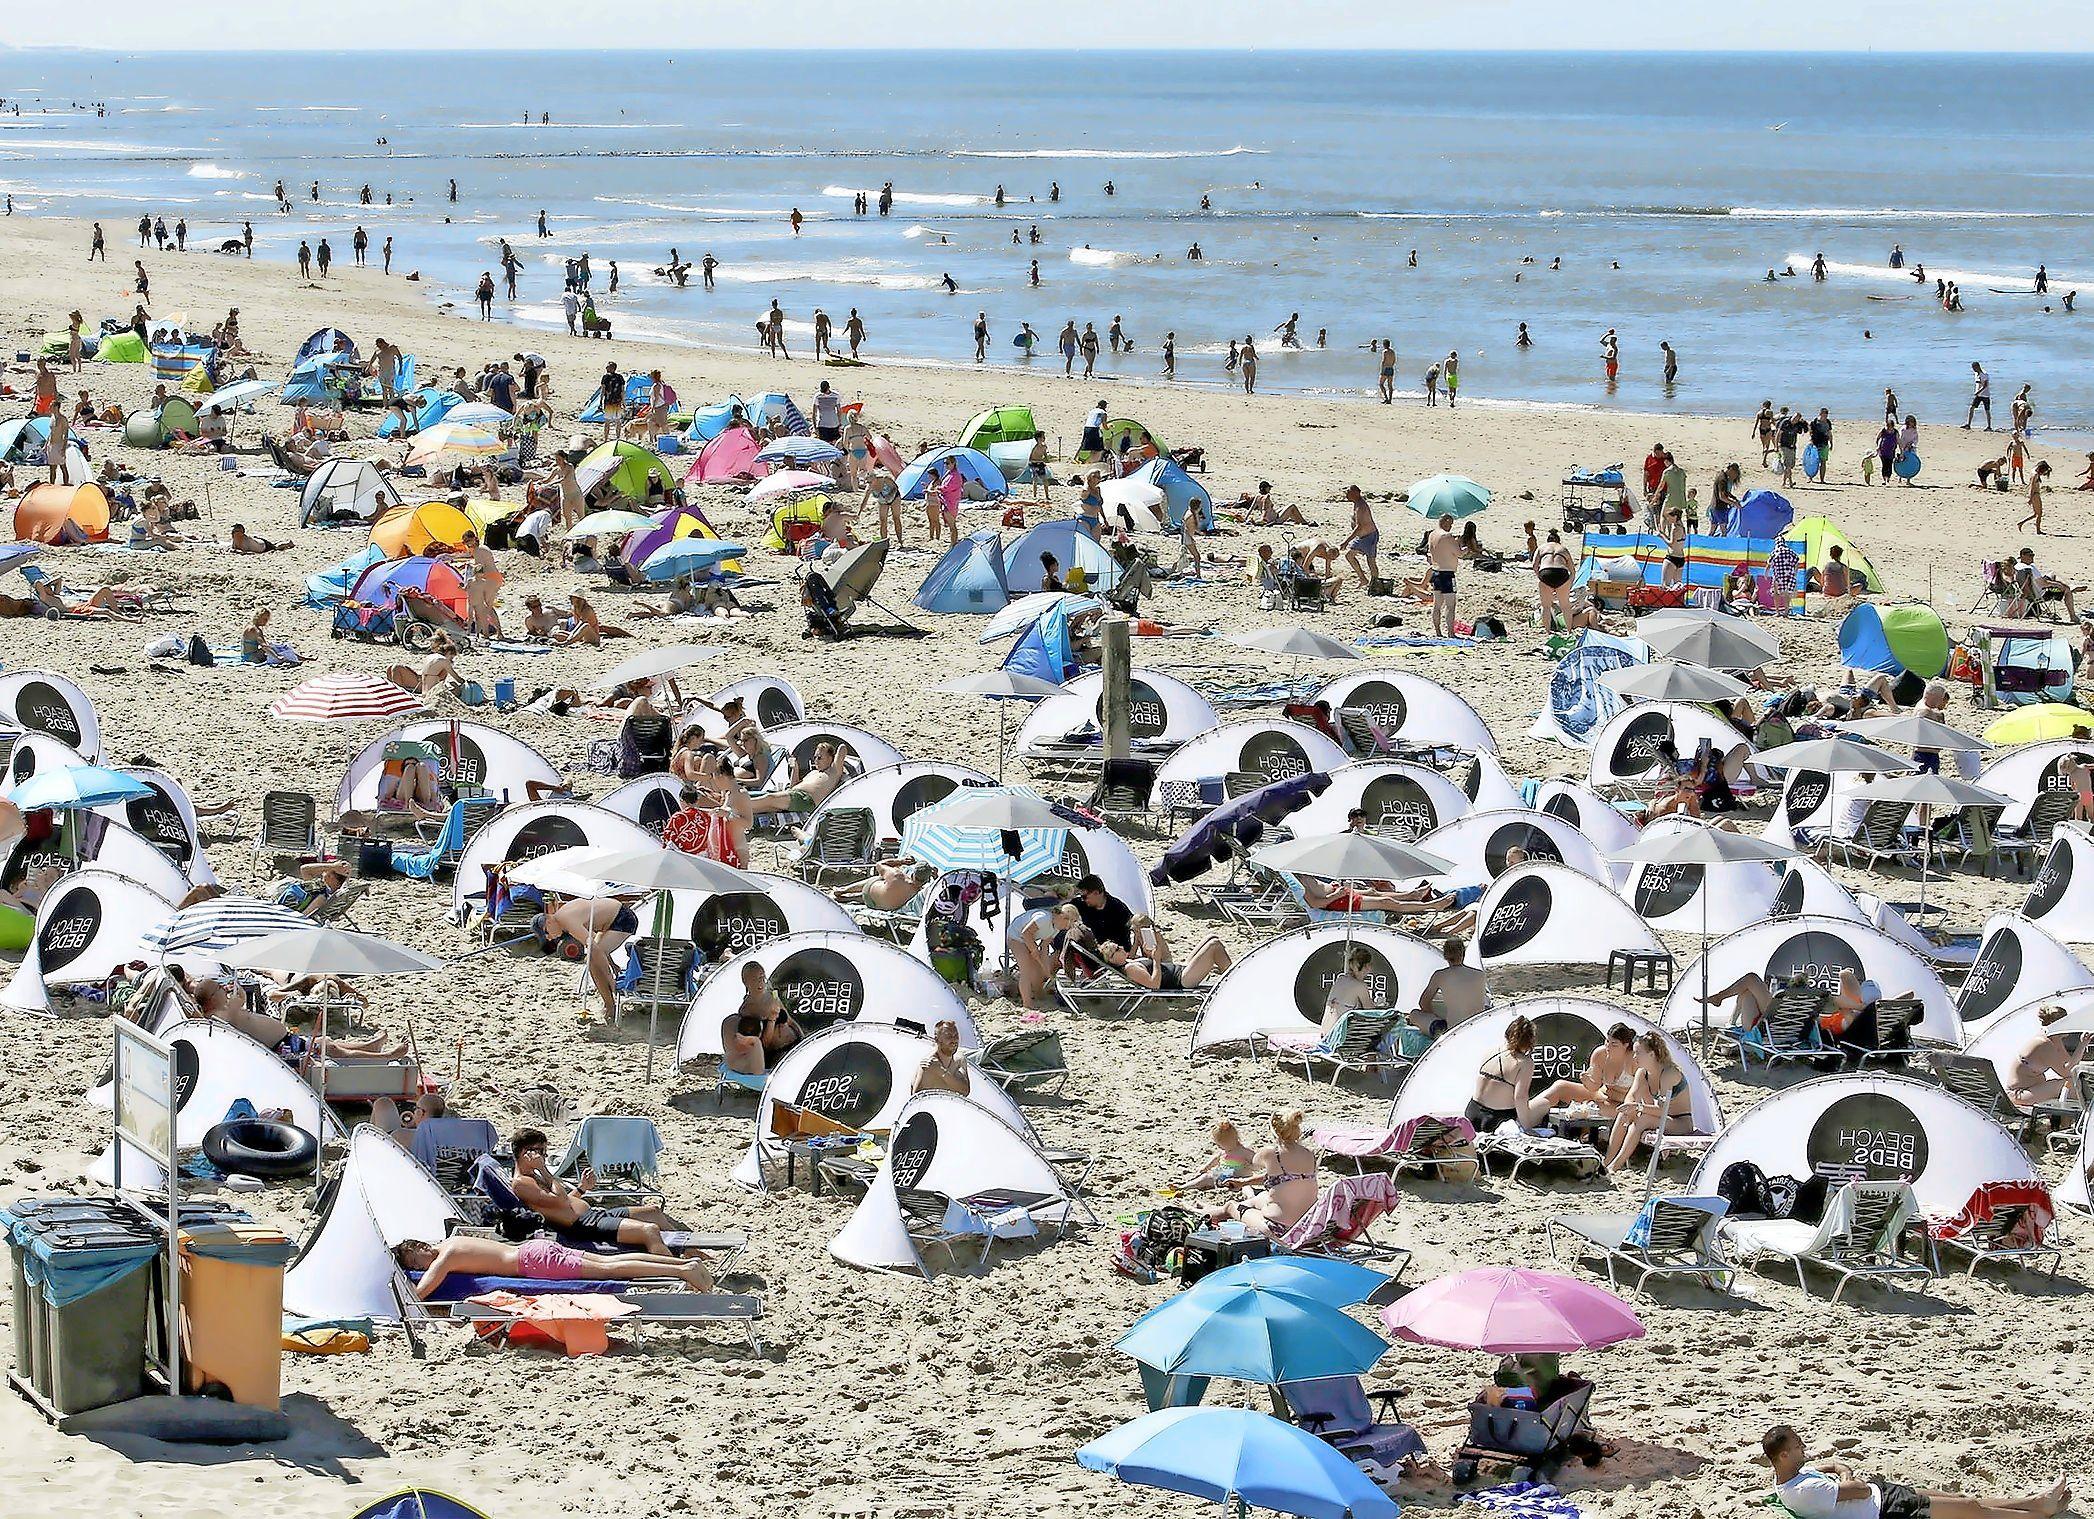 Hoe zit het met de strandveiligheid nu de Reddingsbrigade er niet meer komt? De VVD wil antwoorden